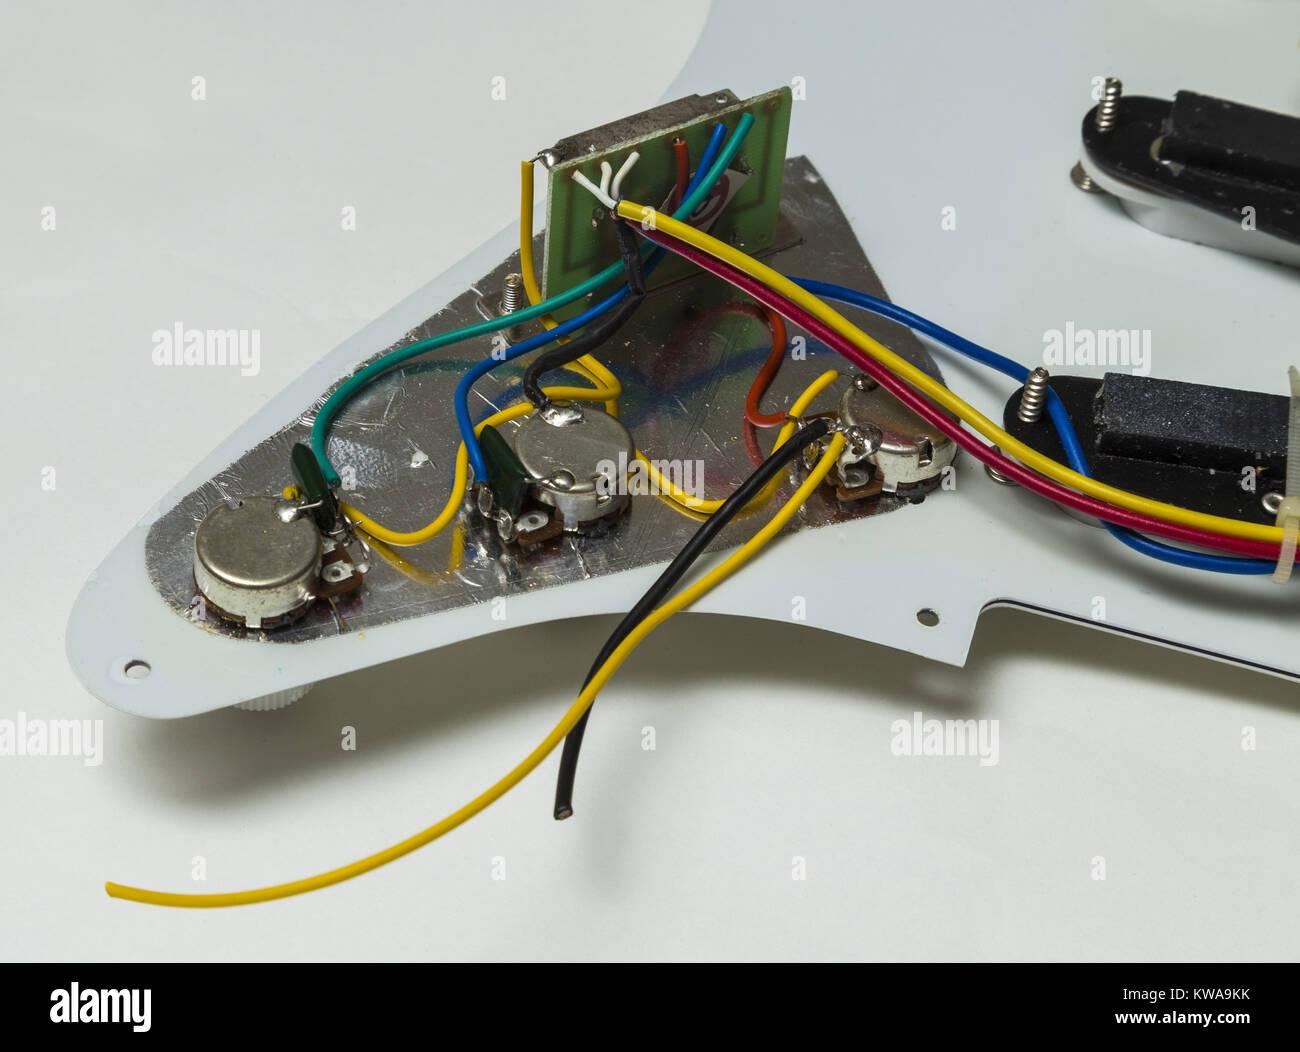 Ziemlich Verkabelung Eines Gitarren Pickups Bilder - Elektrische ...